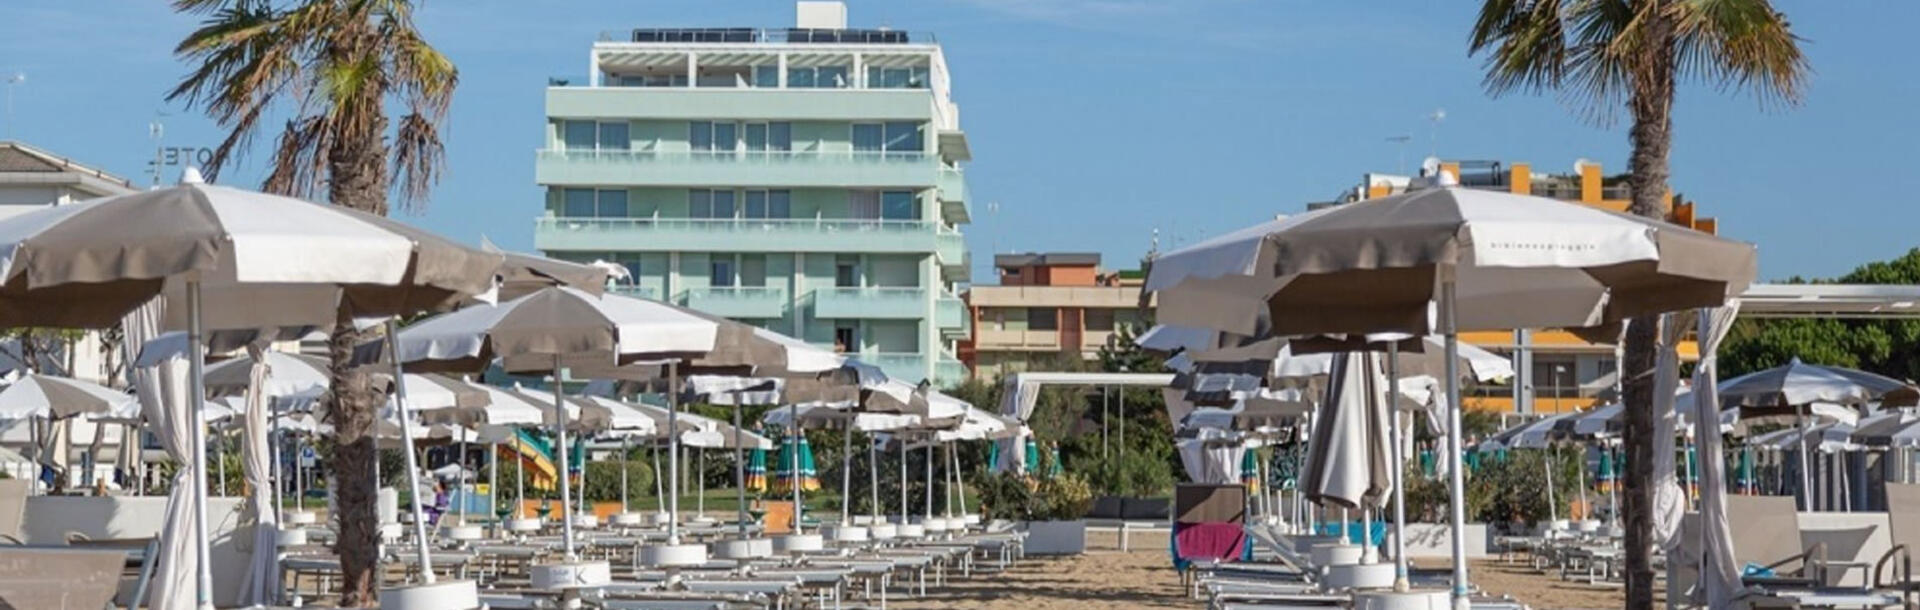 hotel-montecarlo it bibione-eventi 013